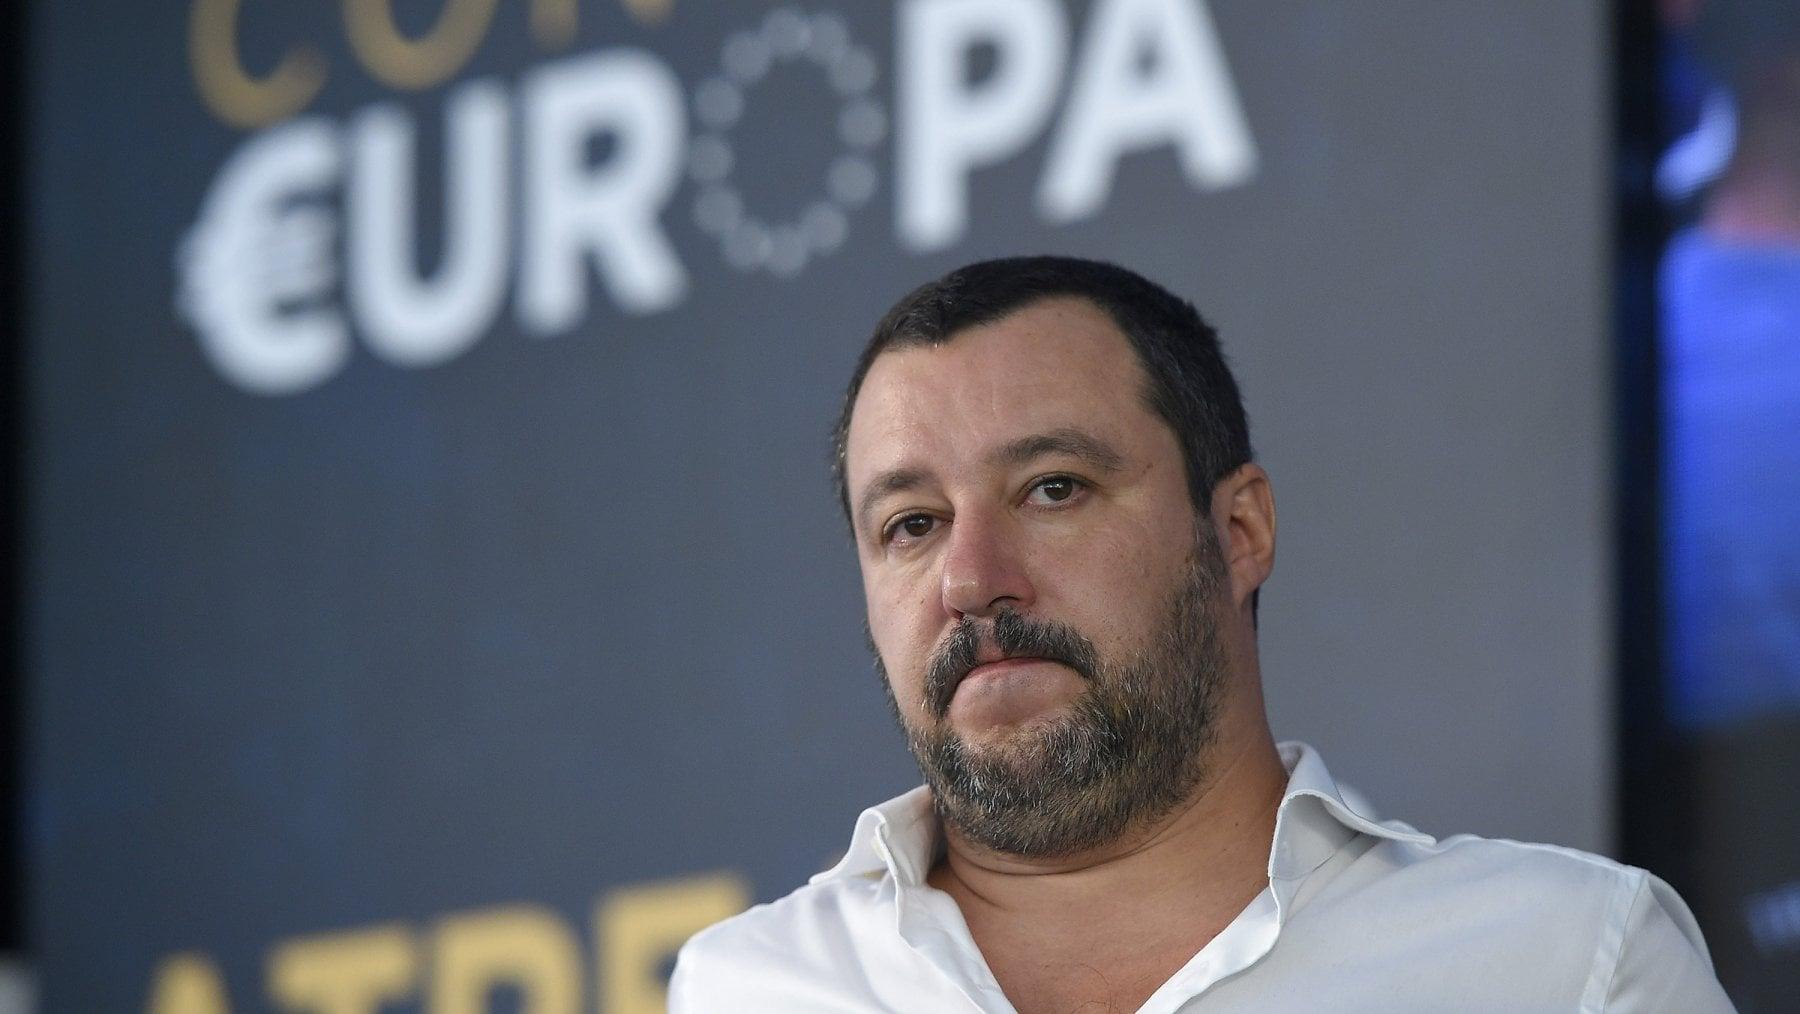 Decreto Salvini, i punti su immigrazione e sicurezza ...